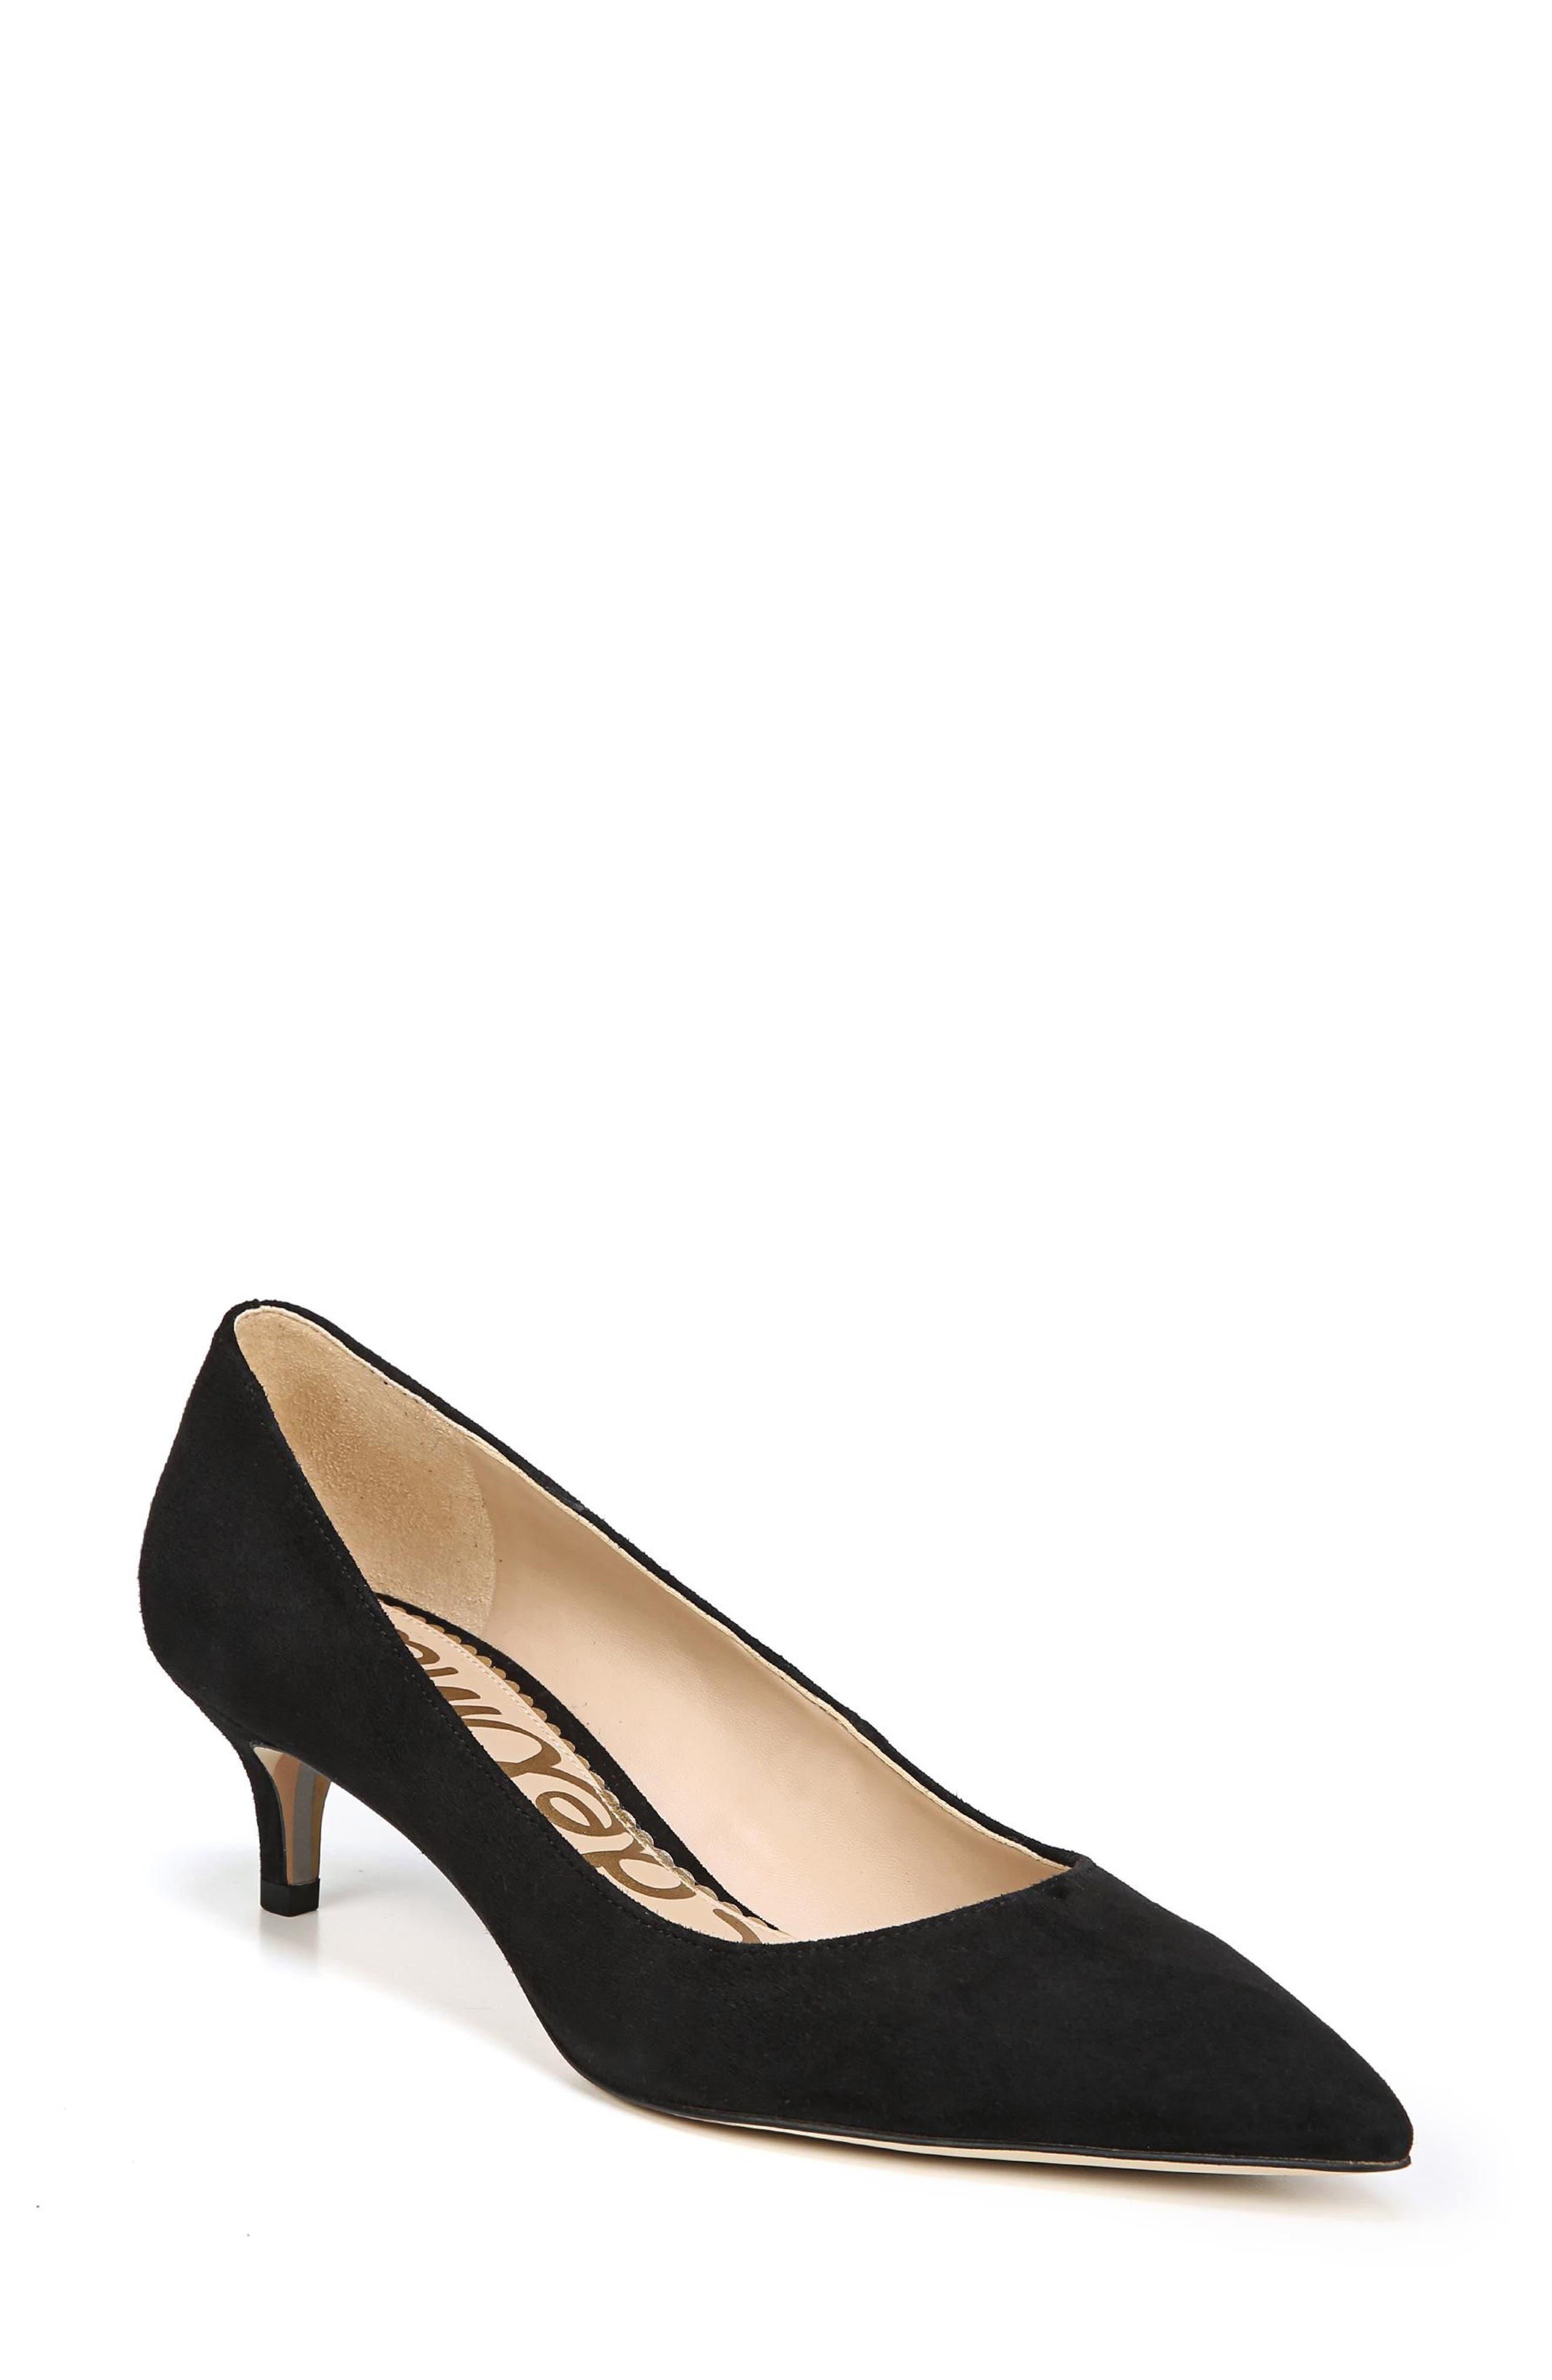 1950s Style Shoes | Heels, Flats, Saddle Shoes Womens Sam Edelman Dori Pump Size 11 M - Black $119.95 AT vintagedancer.com